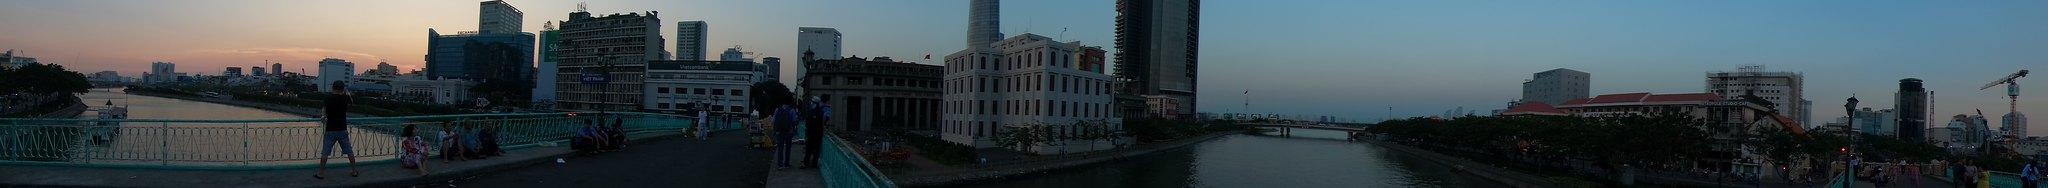 [Trải nghiệm] Camera ASUS Zenfone Zoom - Camera chụp đẹp, Zoom quang học 3x tốt - 118875